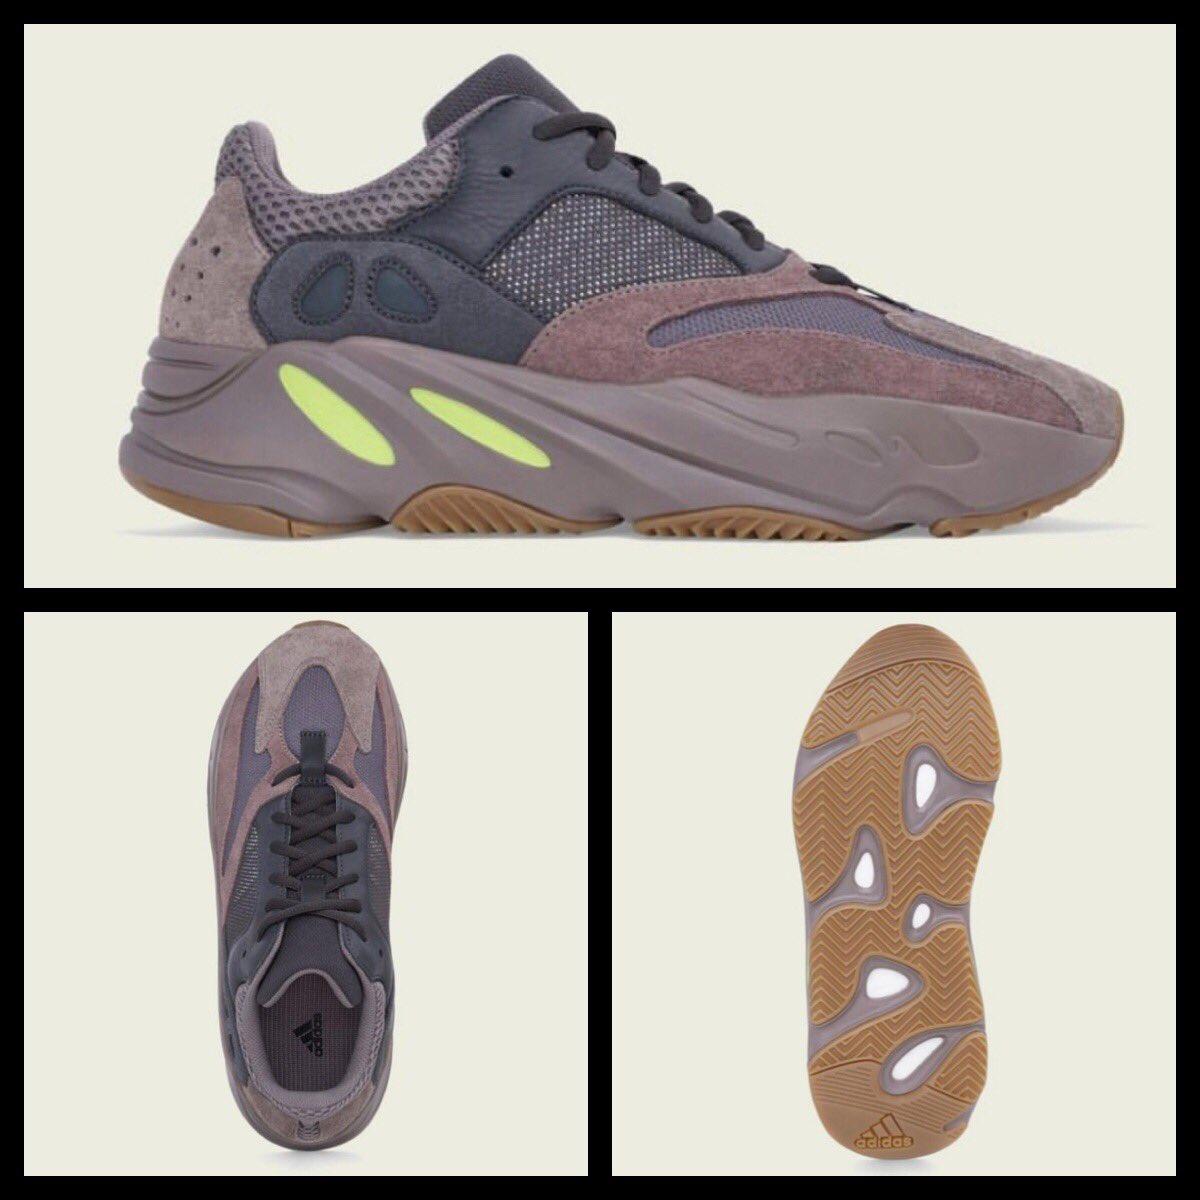 b249ad9df75  CantKnockTheHuSole  CantKnockTheHustle  Shoes  Sneakers  SneakerTwitter   Yeezy  Ye  YeezyBoost  WaveRunner  adidas  adidasShoes  adidasOriginals   Mauve ...